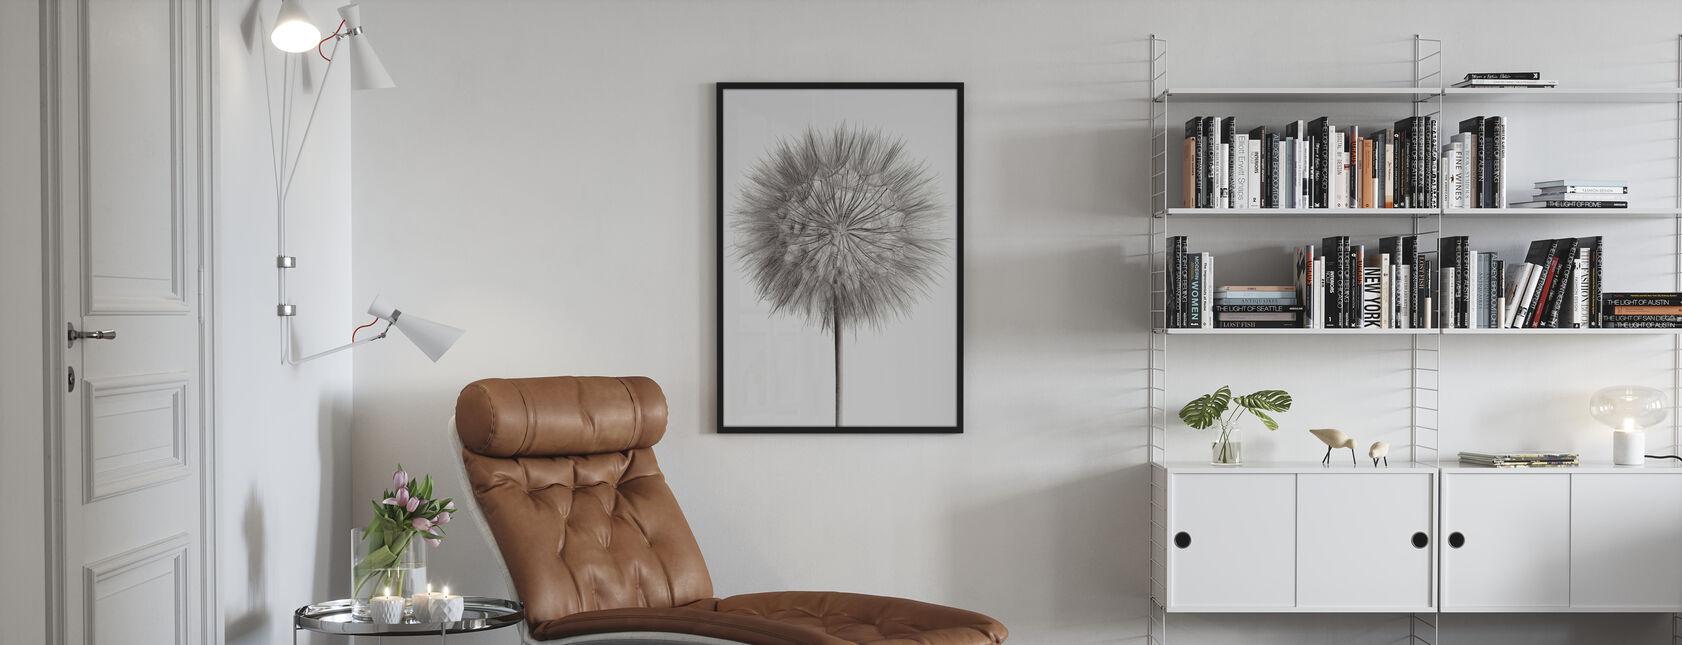 Paardebloem pluis op wit - Ingelijste print - Woonkamer